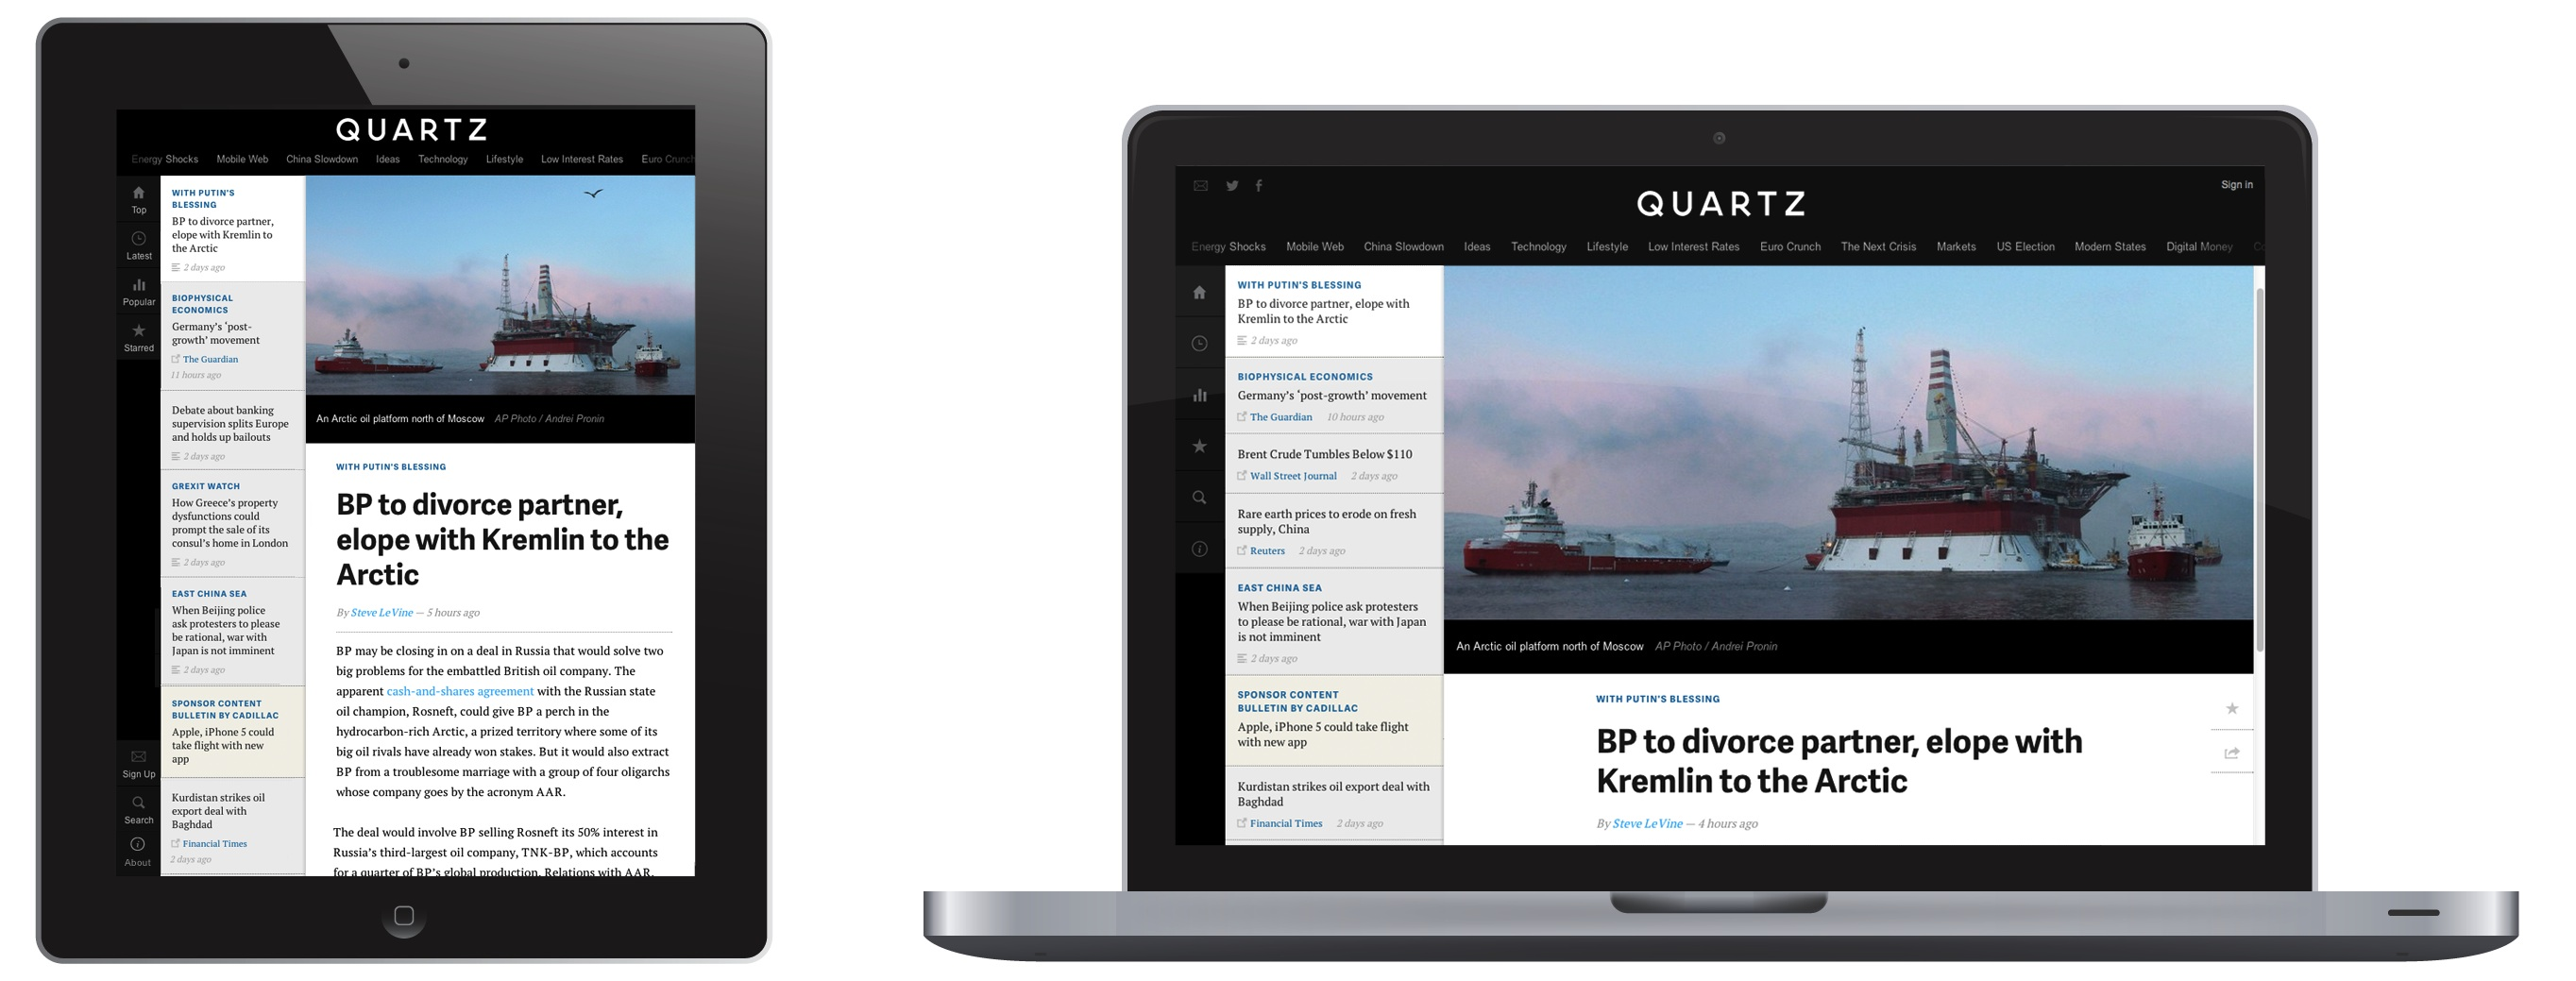 Quartz Business News Site Says 2 Million Visitors After 7